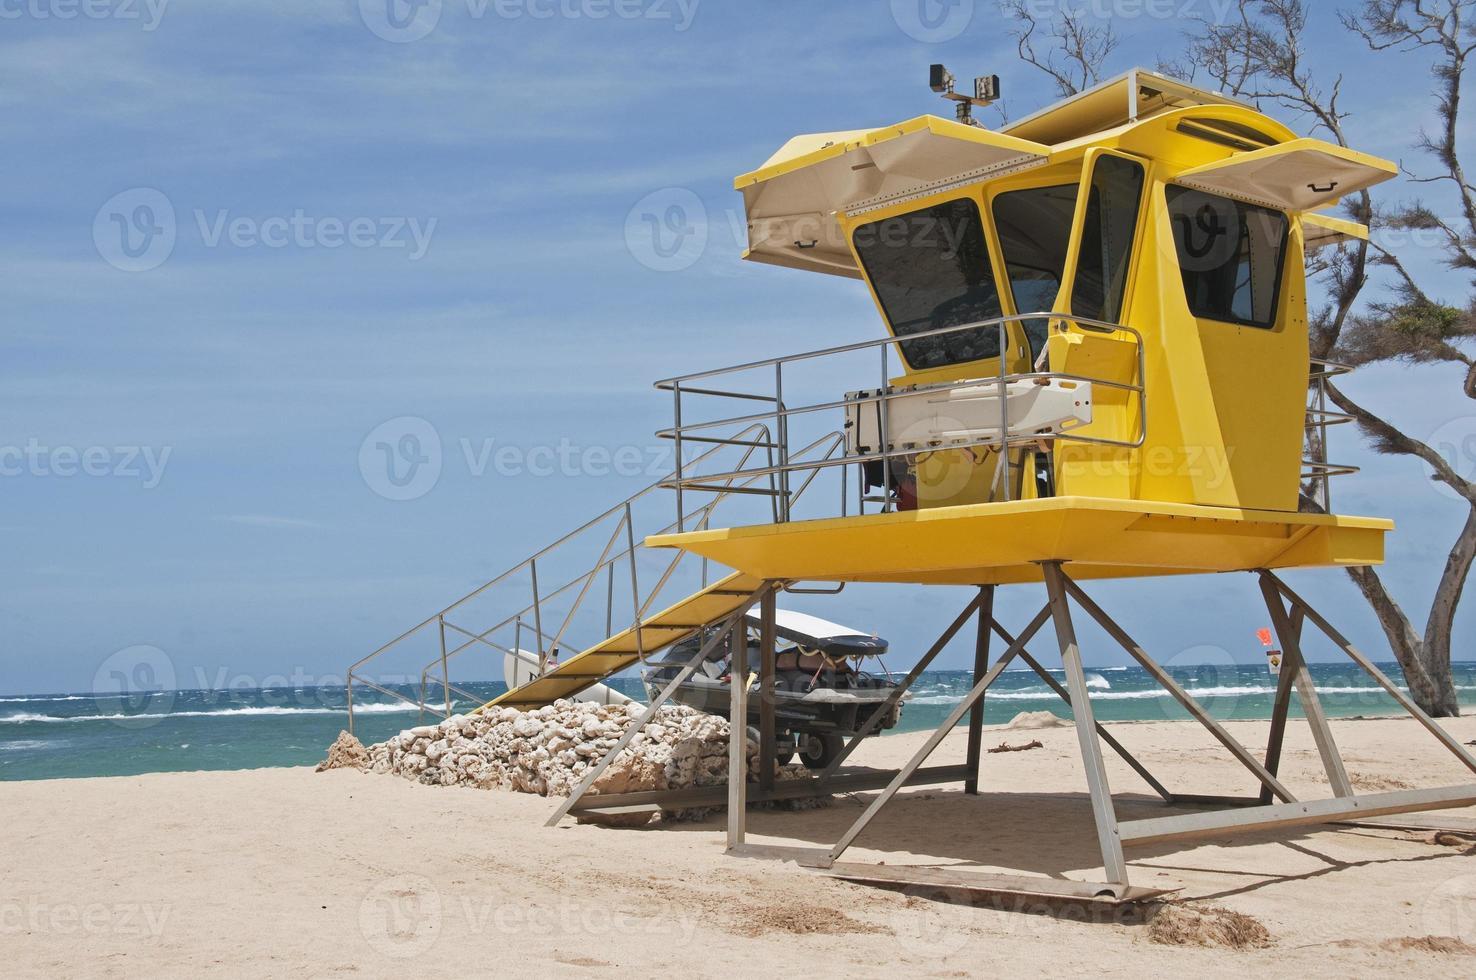 station de sauvetage sur la plage de maui photo